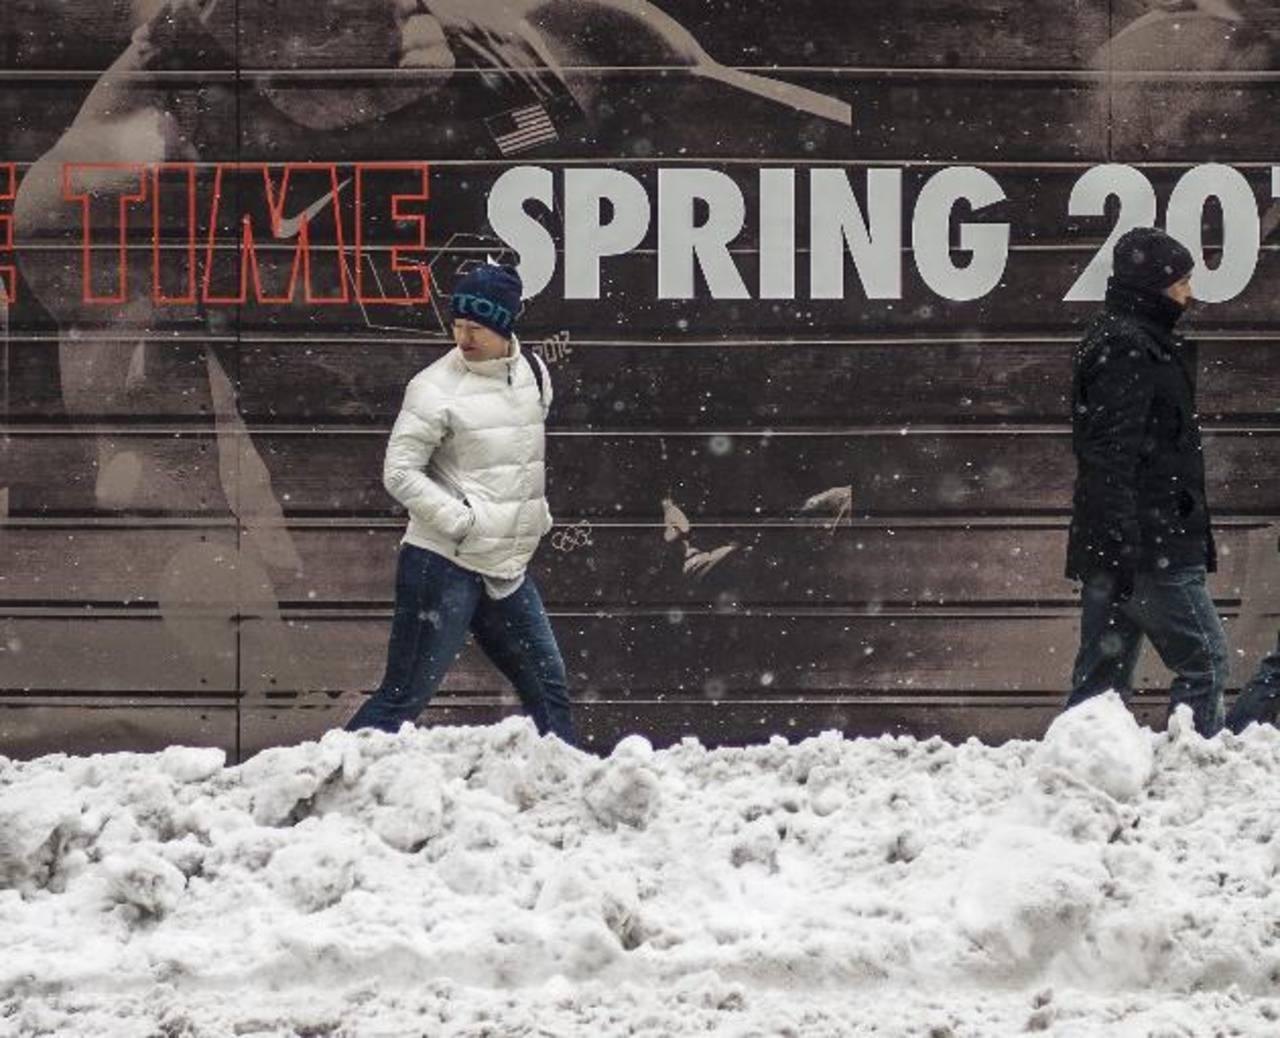 En Boston la tormenta dejó un promedio de 28 a 41 centímetros de nieve sobre algunas áreas de la ciudad. foto edh /EFE